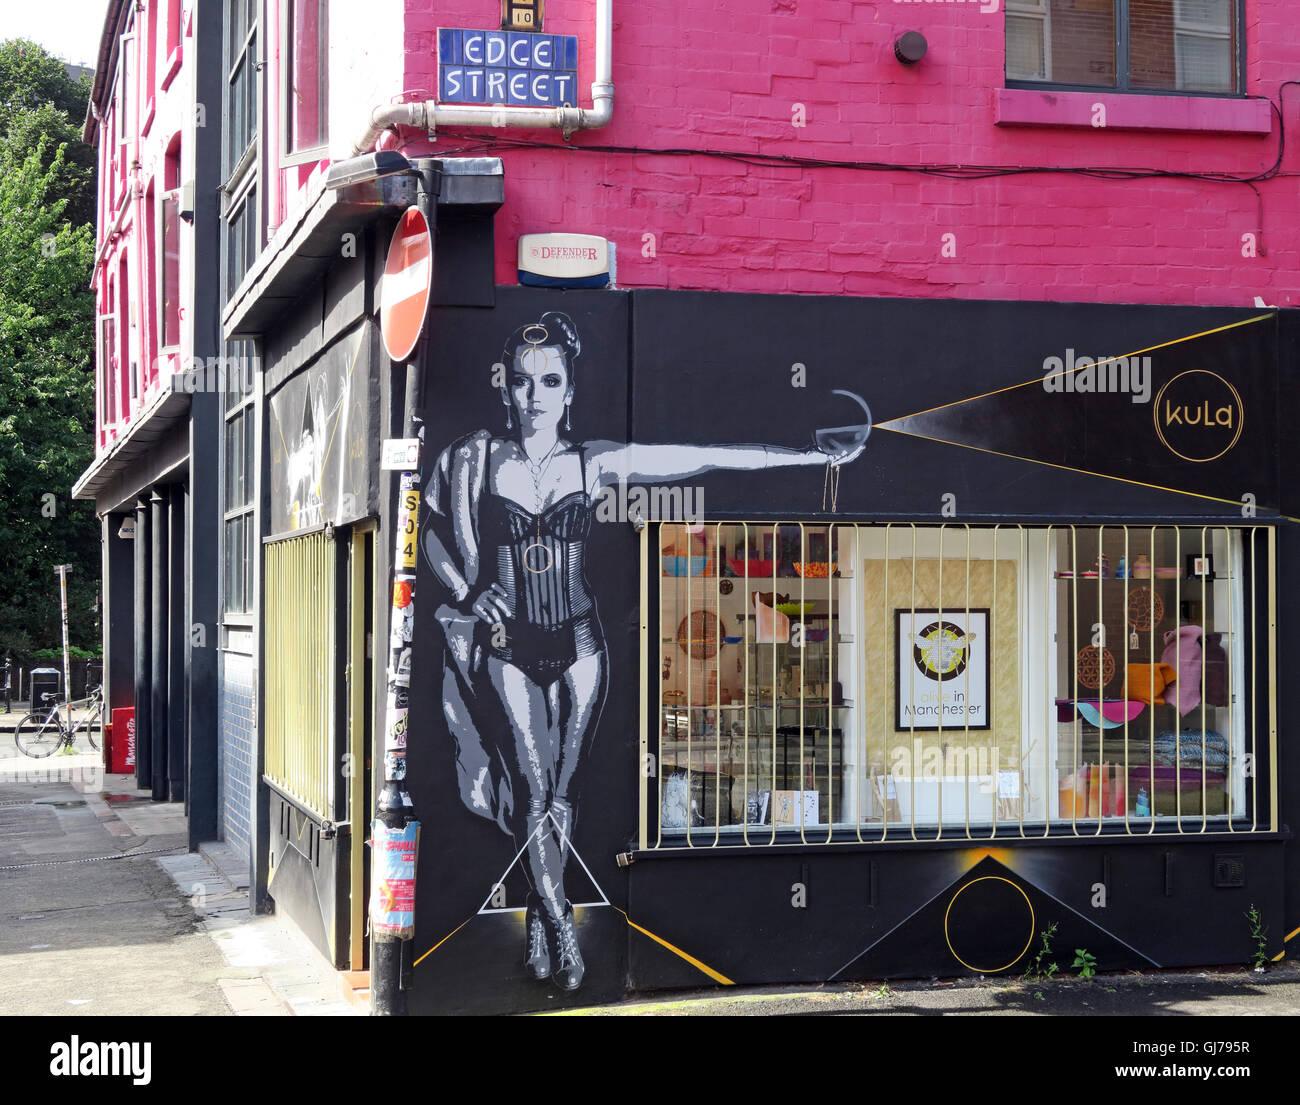 Laden Sie dieses Alamy Stockfoto Edge Street, Northern Quarter, Artwork von einer Frau, Manchester, North West England, UK, M4 1-HW - GJ795R